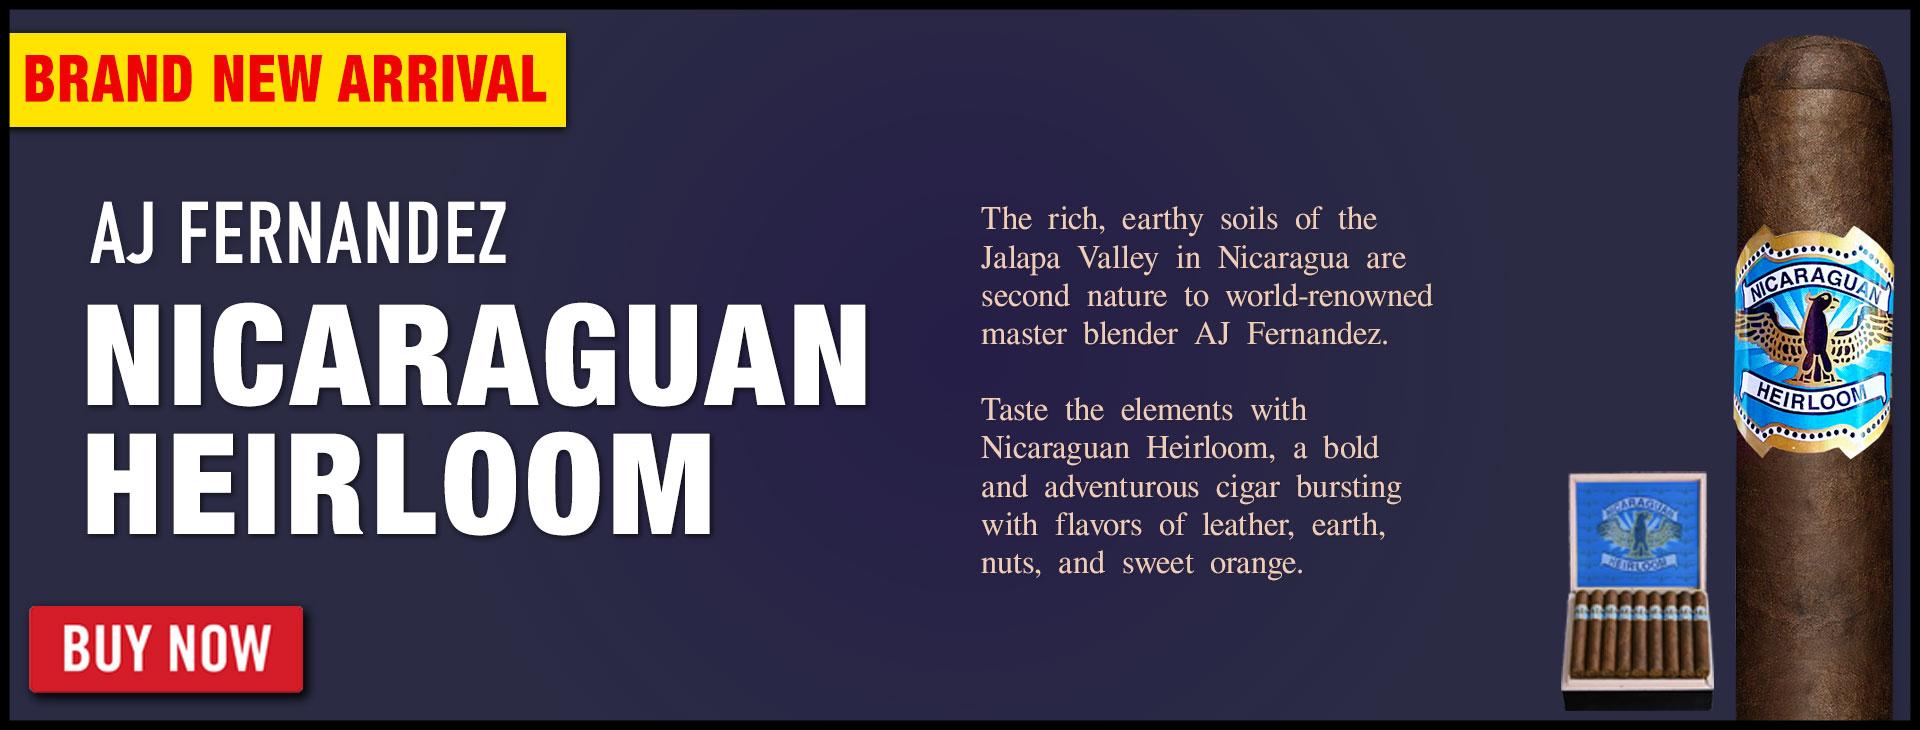 aj-fernandez-nicaraguan-heirloom-2021-banner.jpg